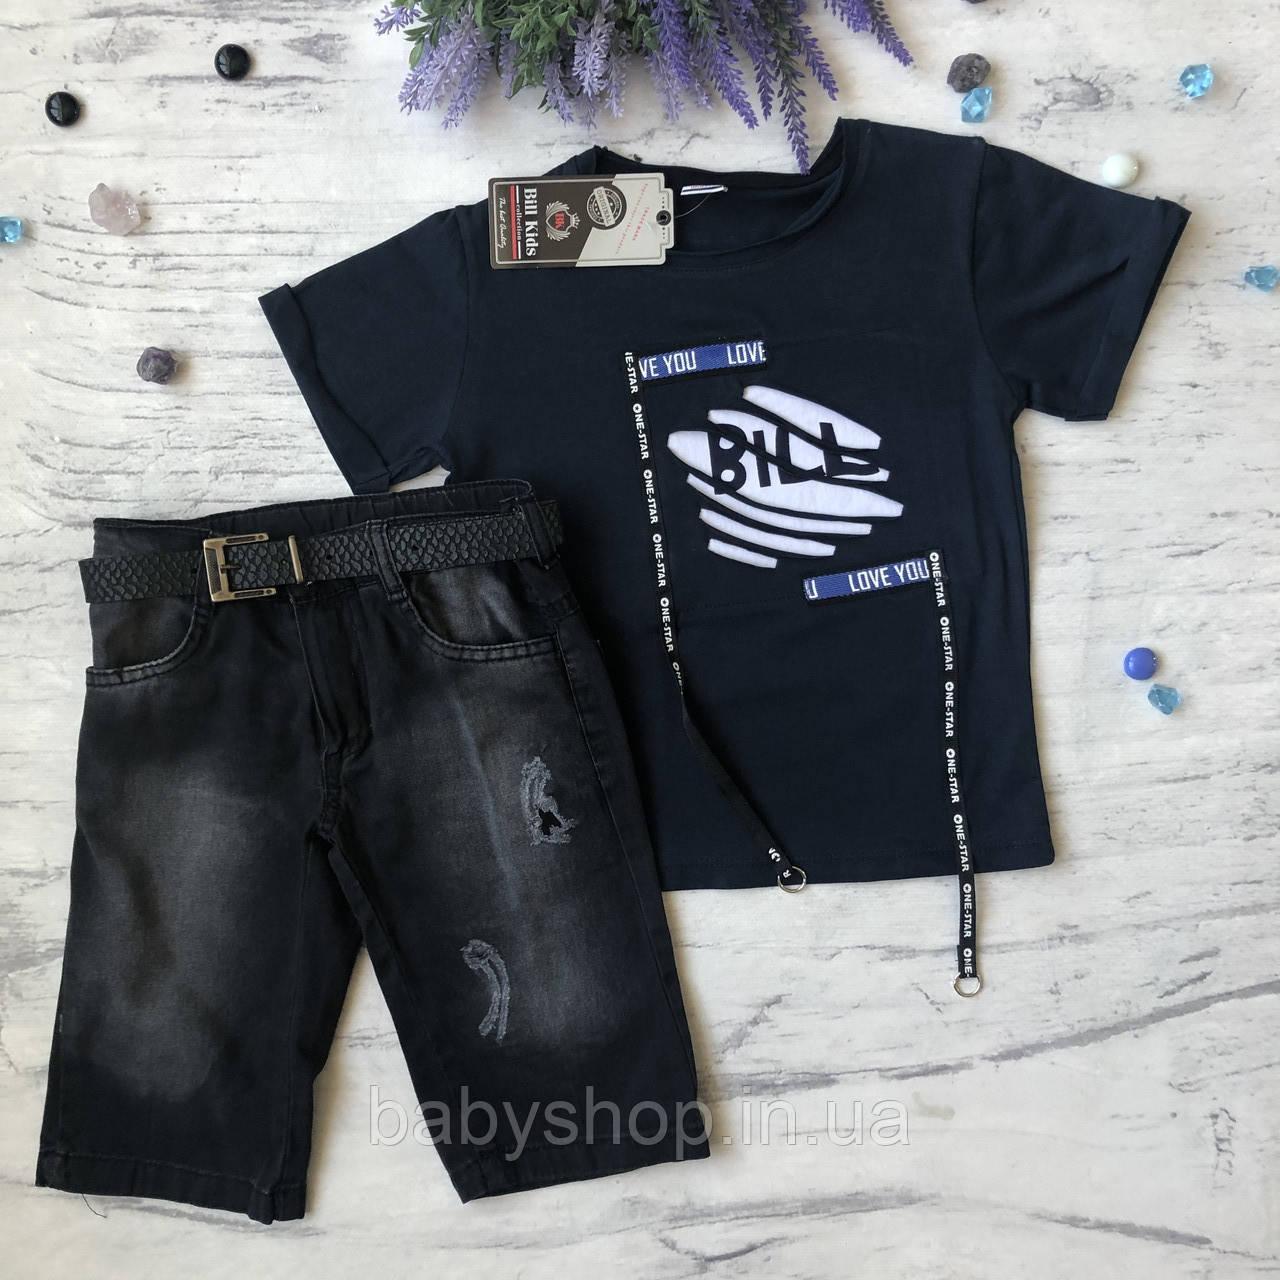 Летний джинсовый костюм на мальчика 25. Размер 1 год, 2 года, 3 года, 4 года